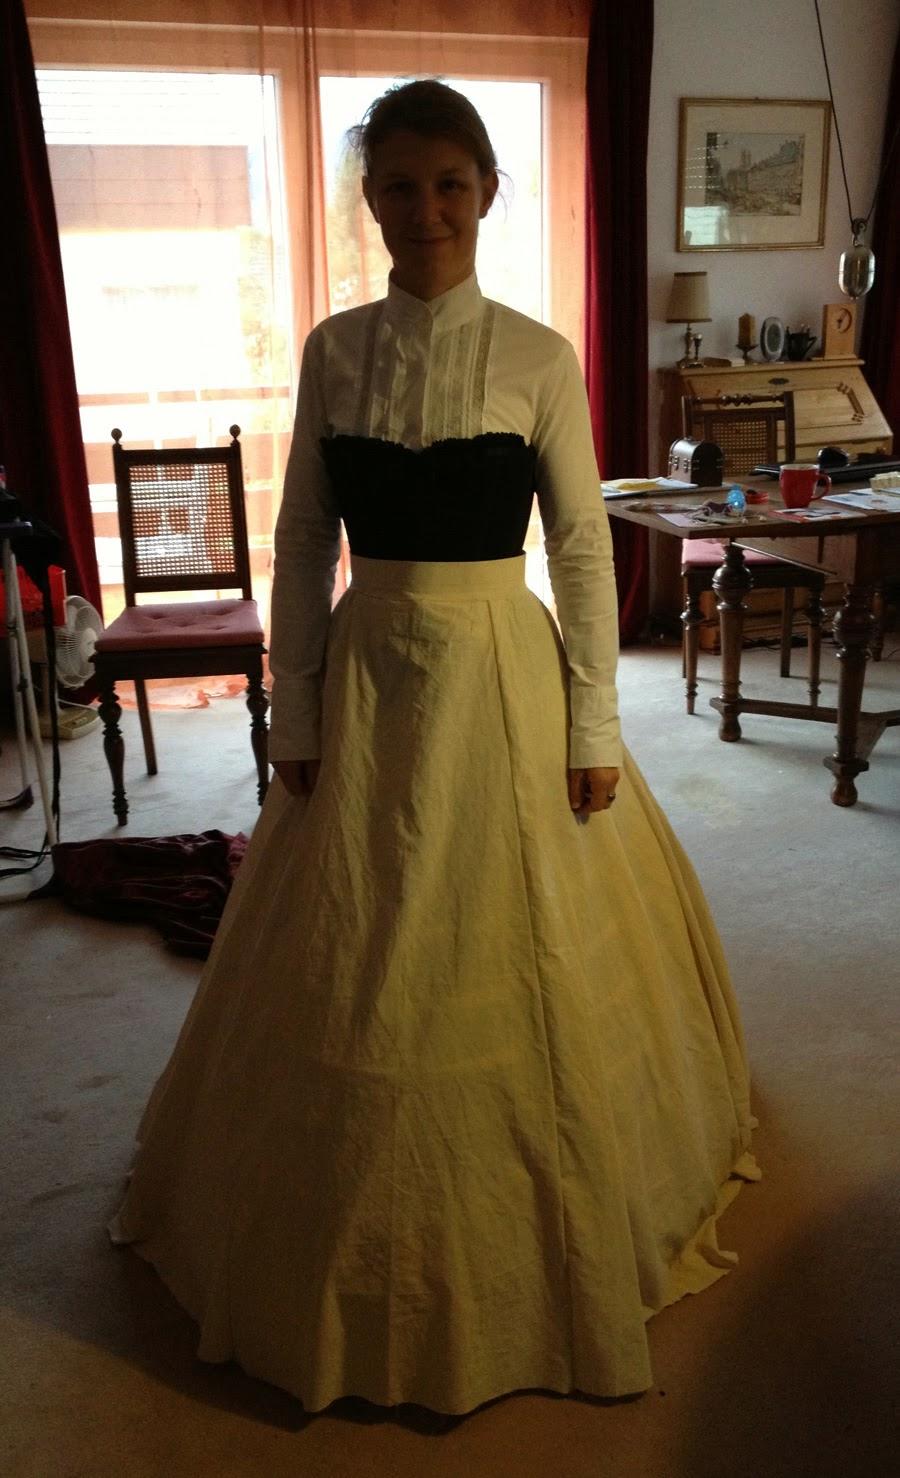 Ladies under Steam *: Ein Hochzeitskleid entsteht (Teil II)